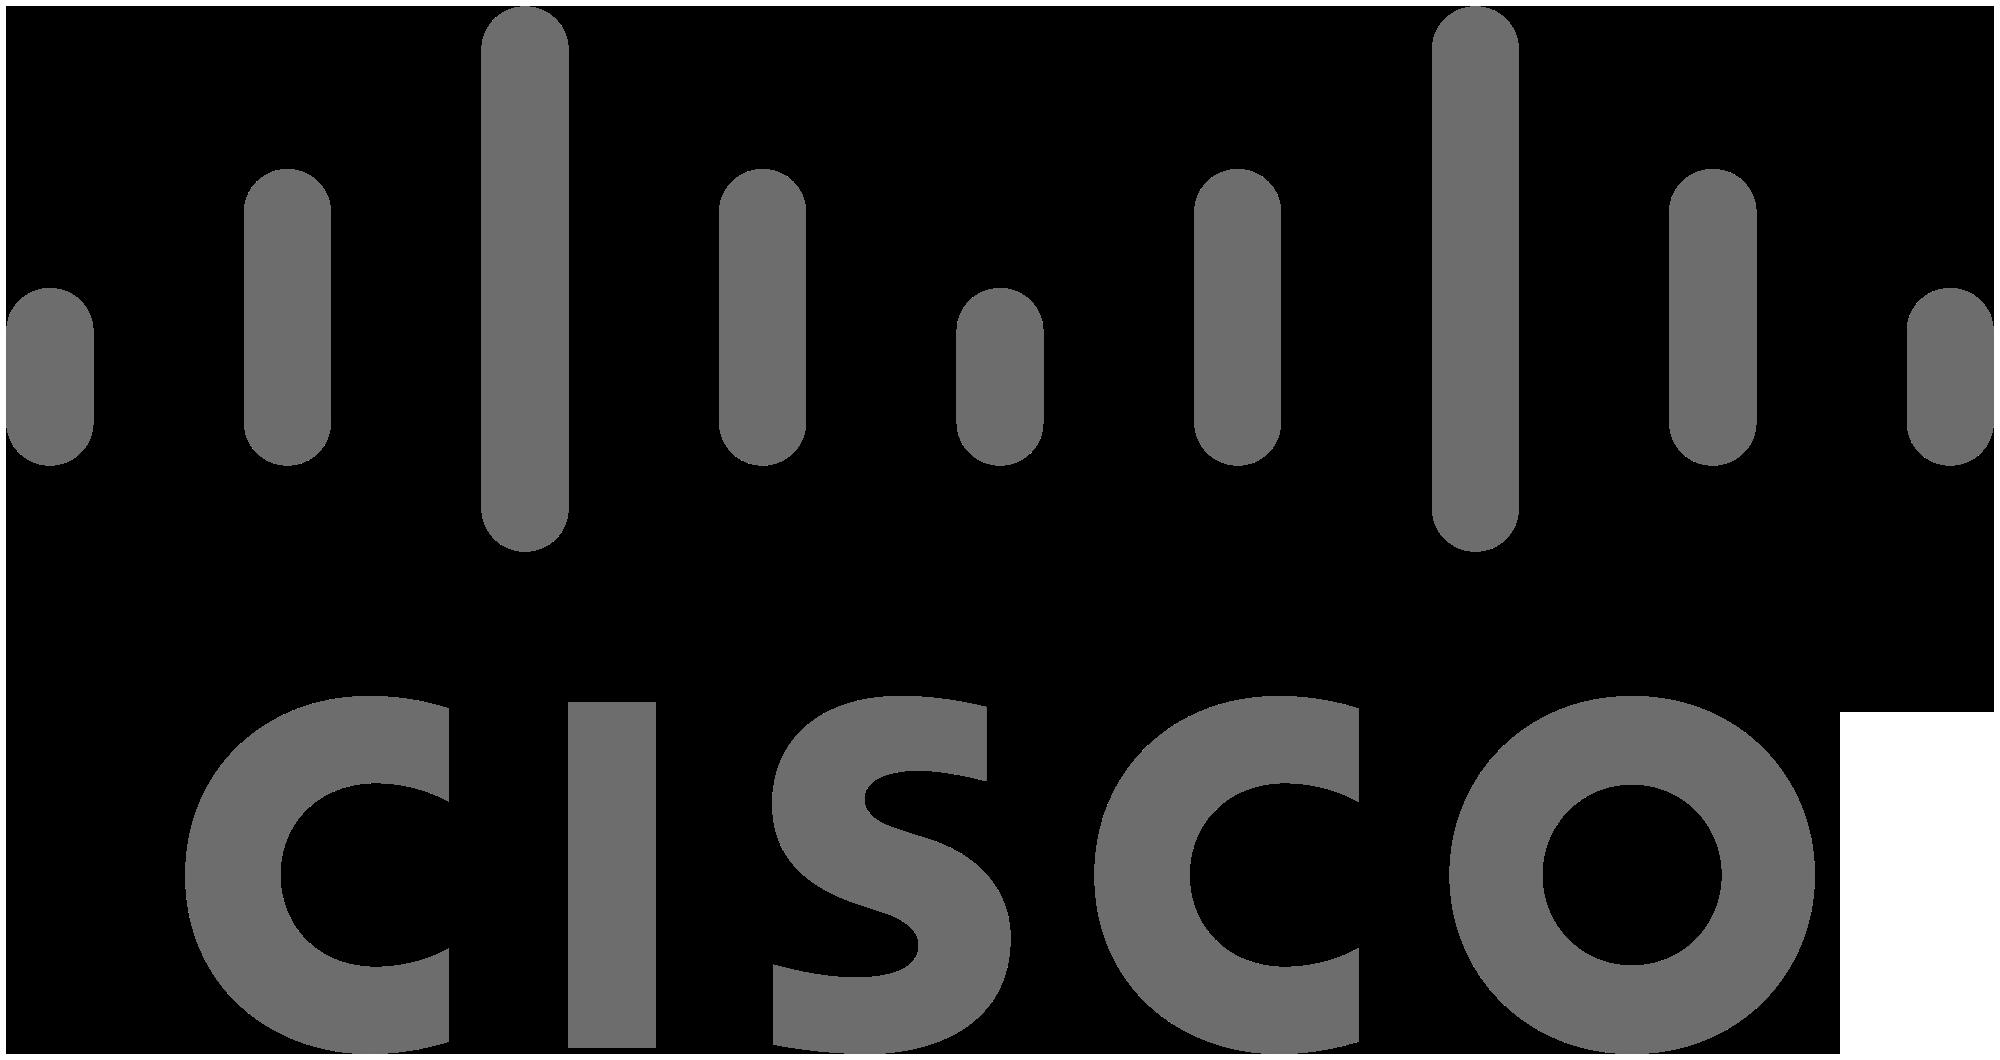 Cisco Website Logo.png